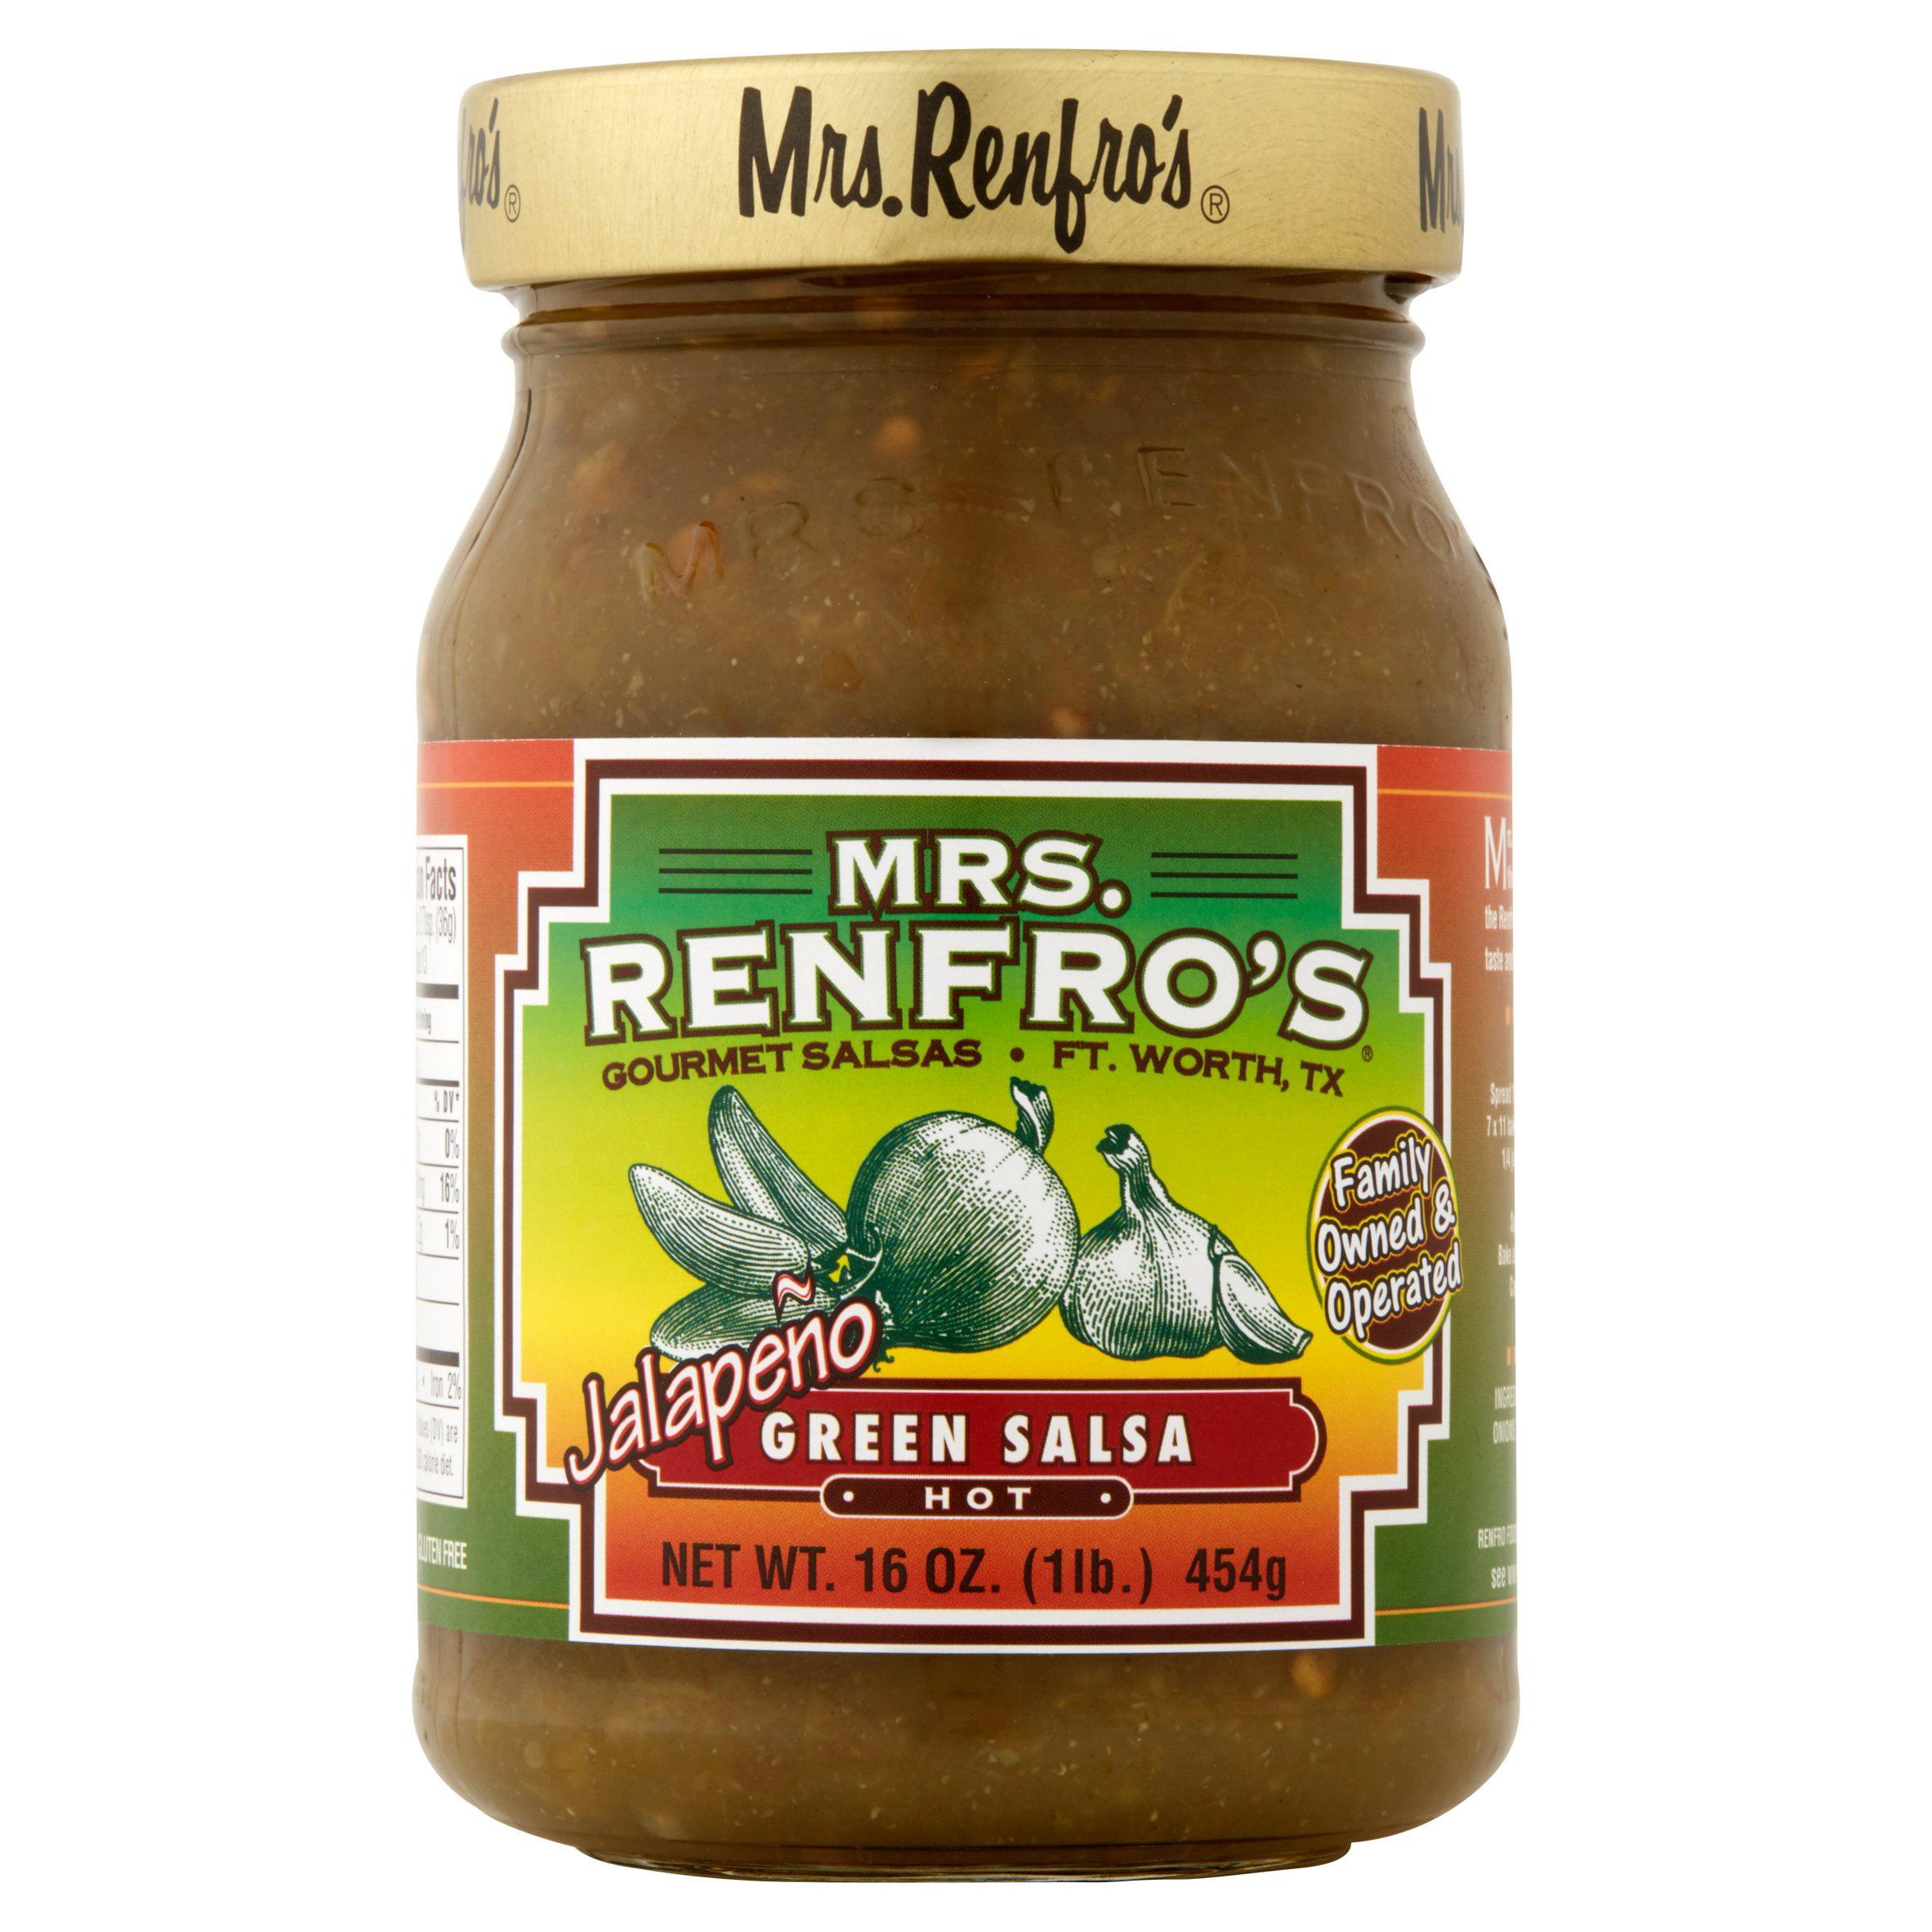 Mrs. Renfro's Gourmet Salsas Hot Jalapeno Green Salsa, 16.0 OZ by Renfro Foods, Inc.